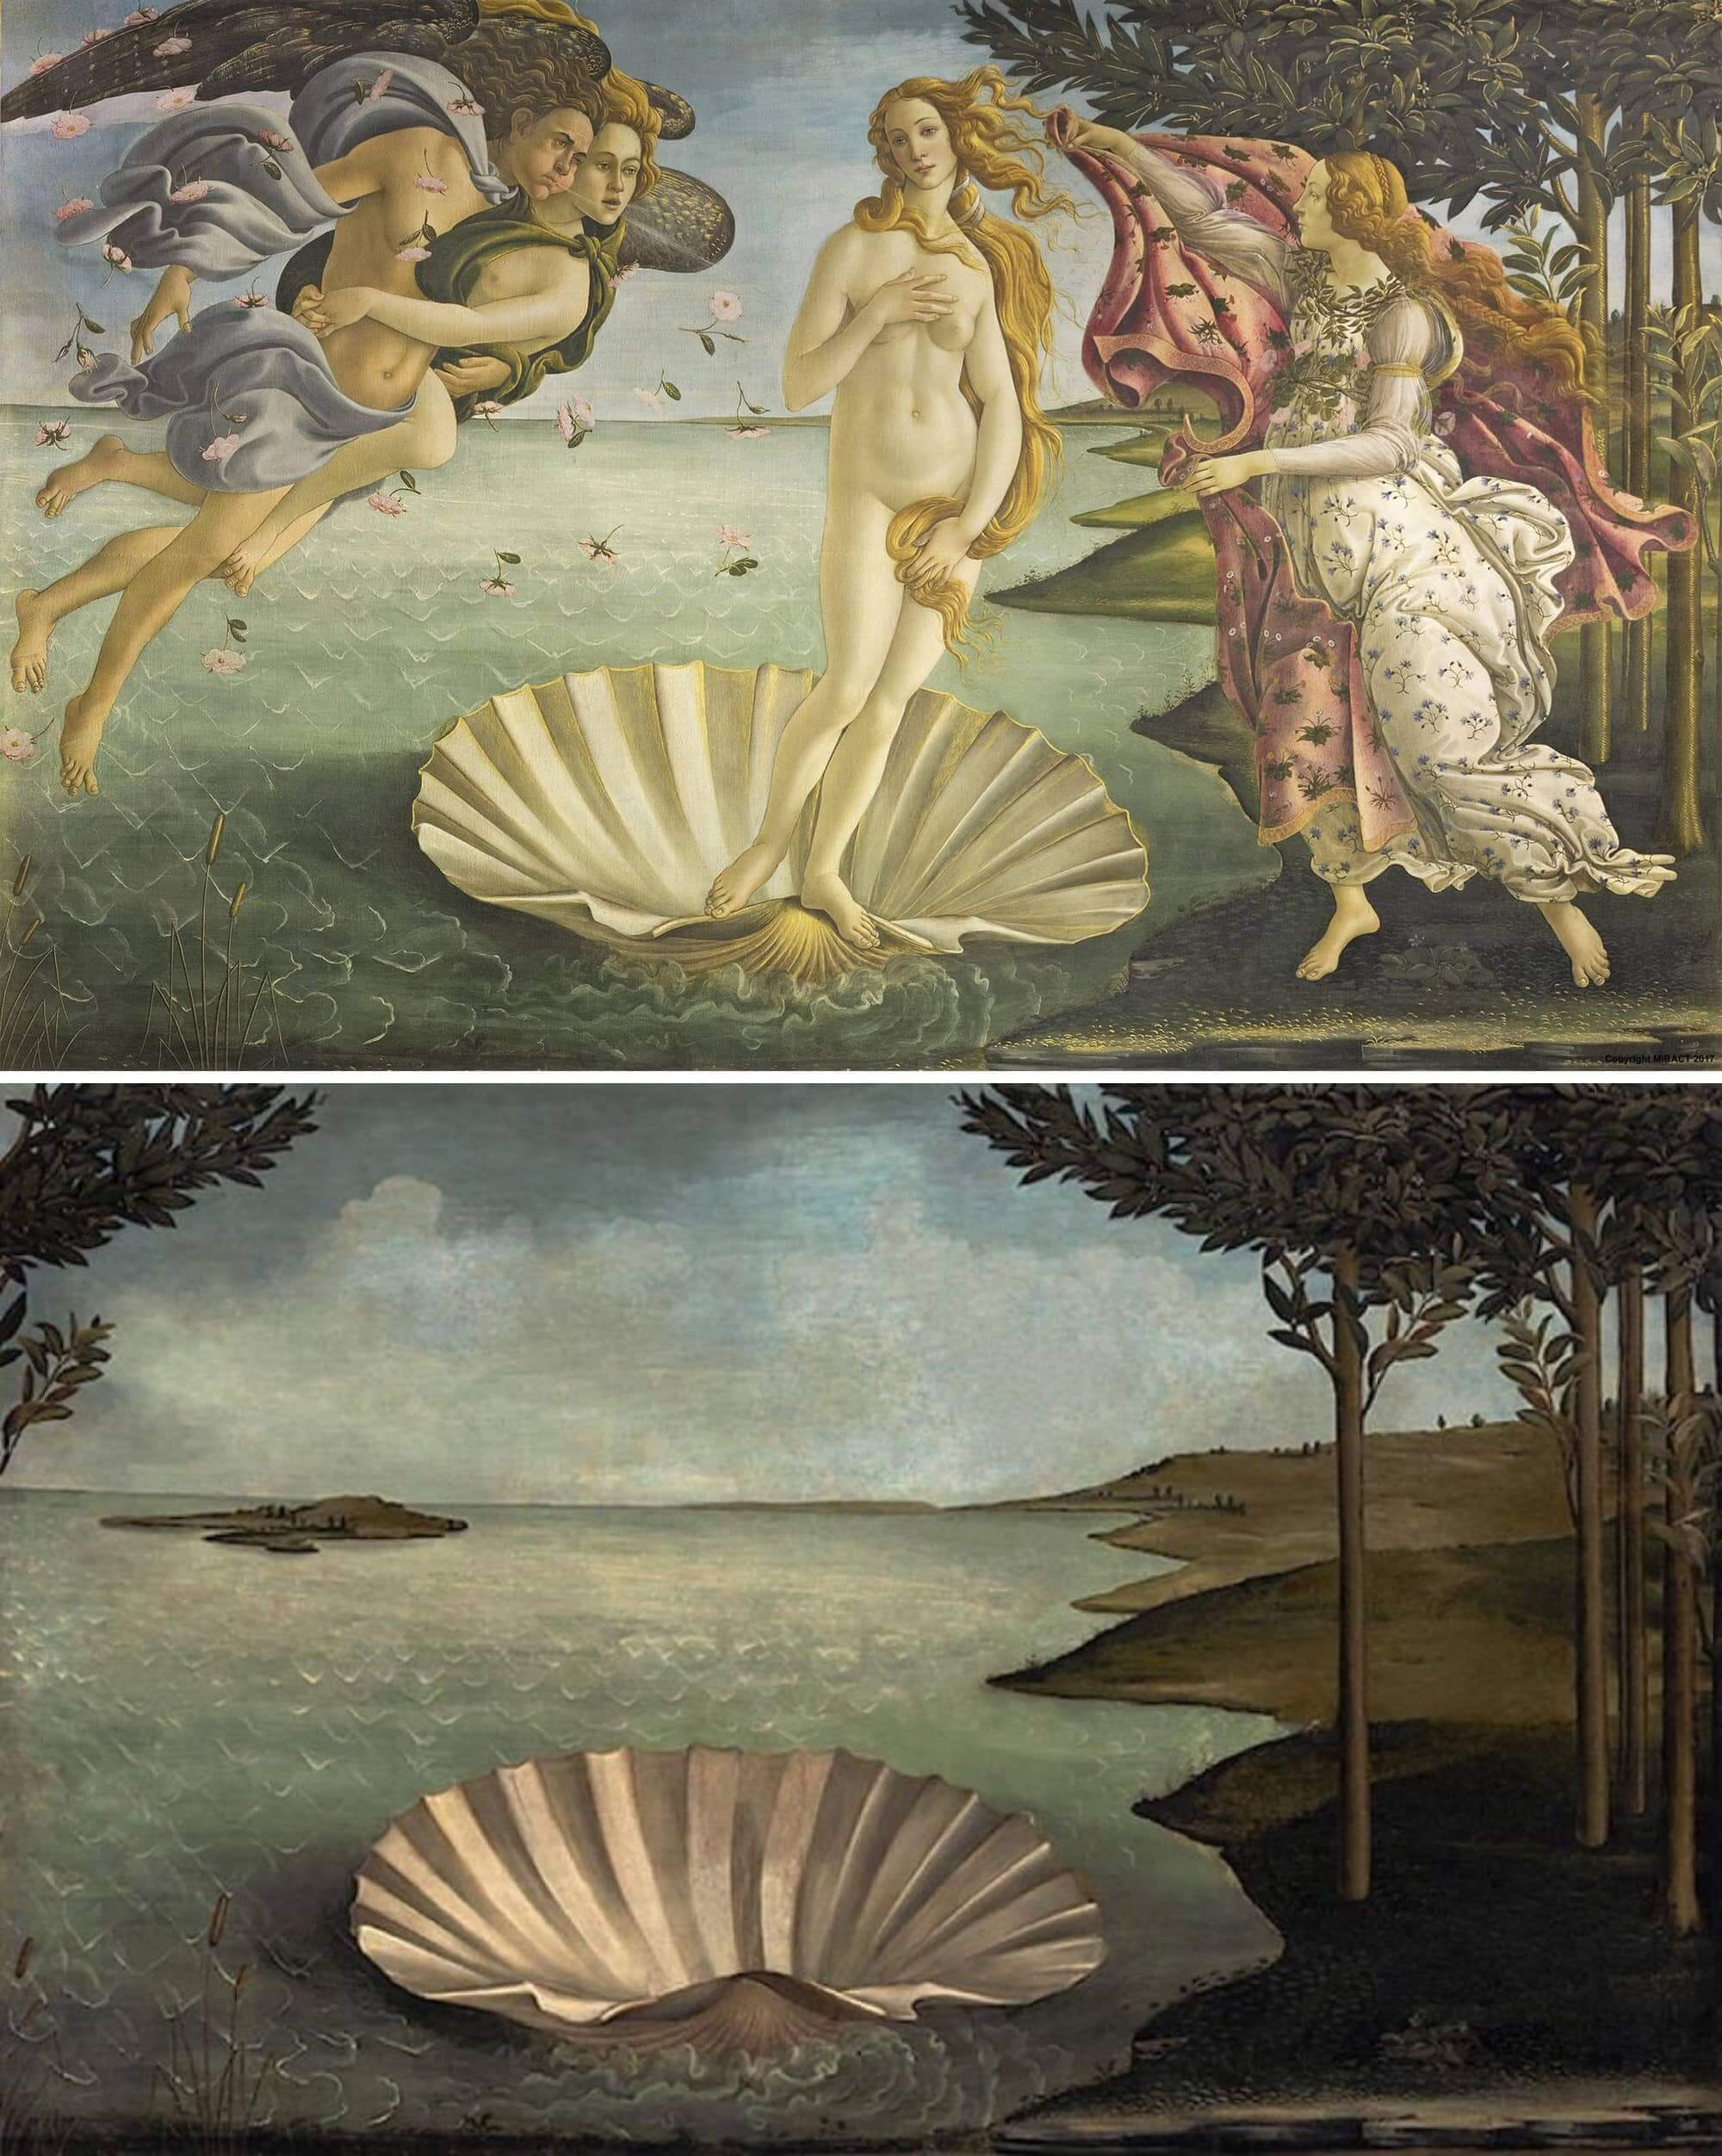 El nacimiento de Venus de Sandro Botticelli